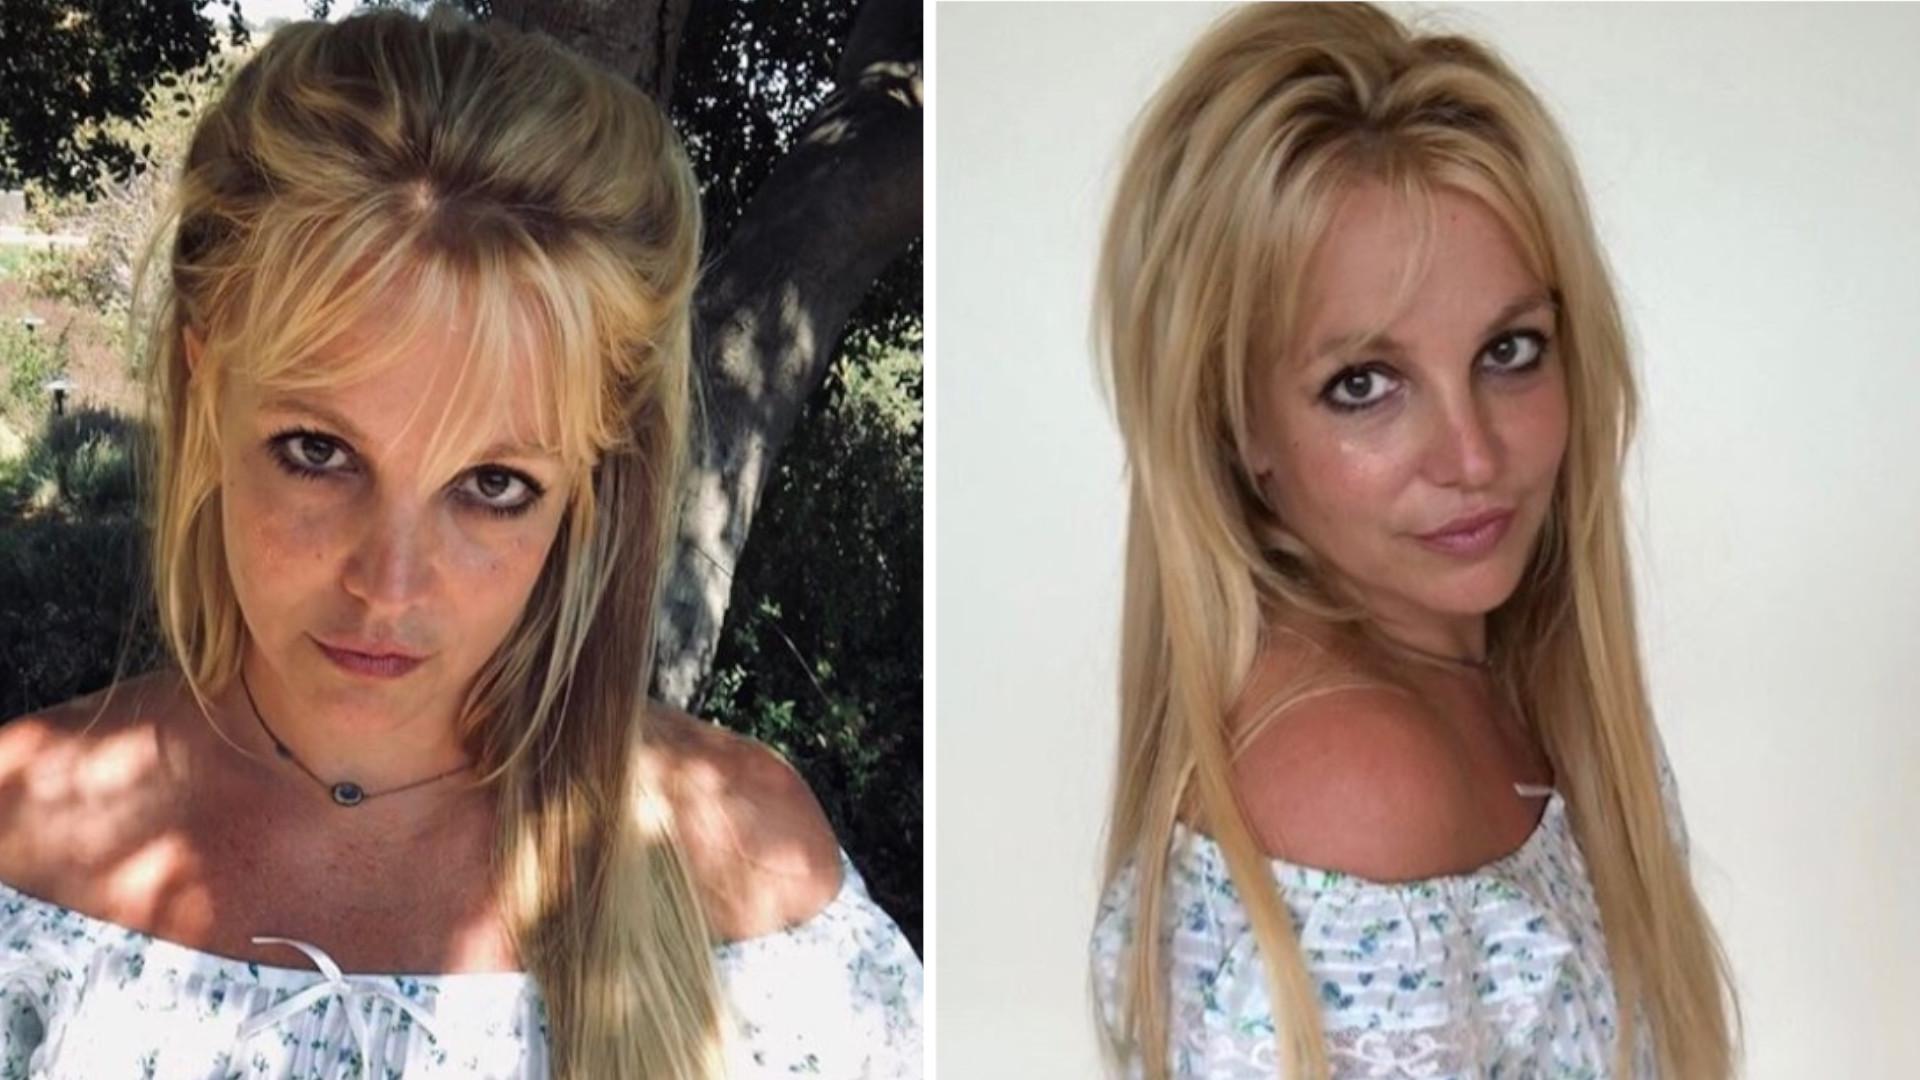 Ujawniono wydatki Britney Spears. Dostaje tygodniowe kieszonkowe